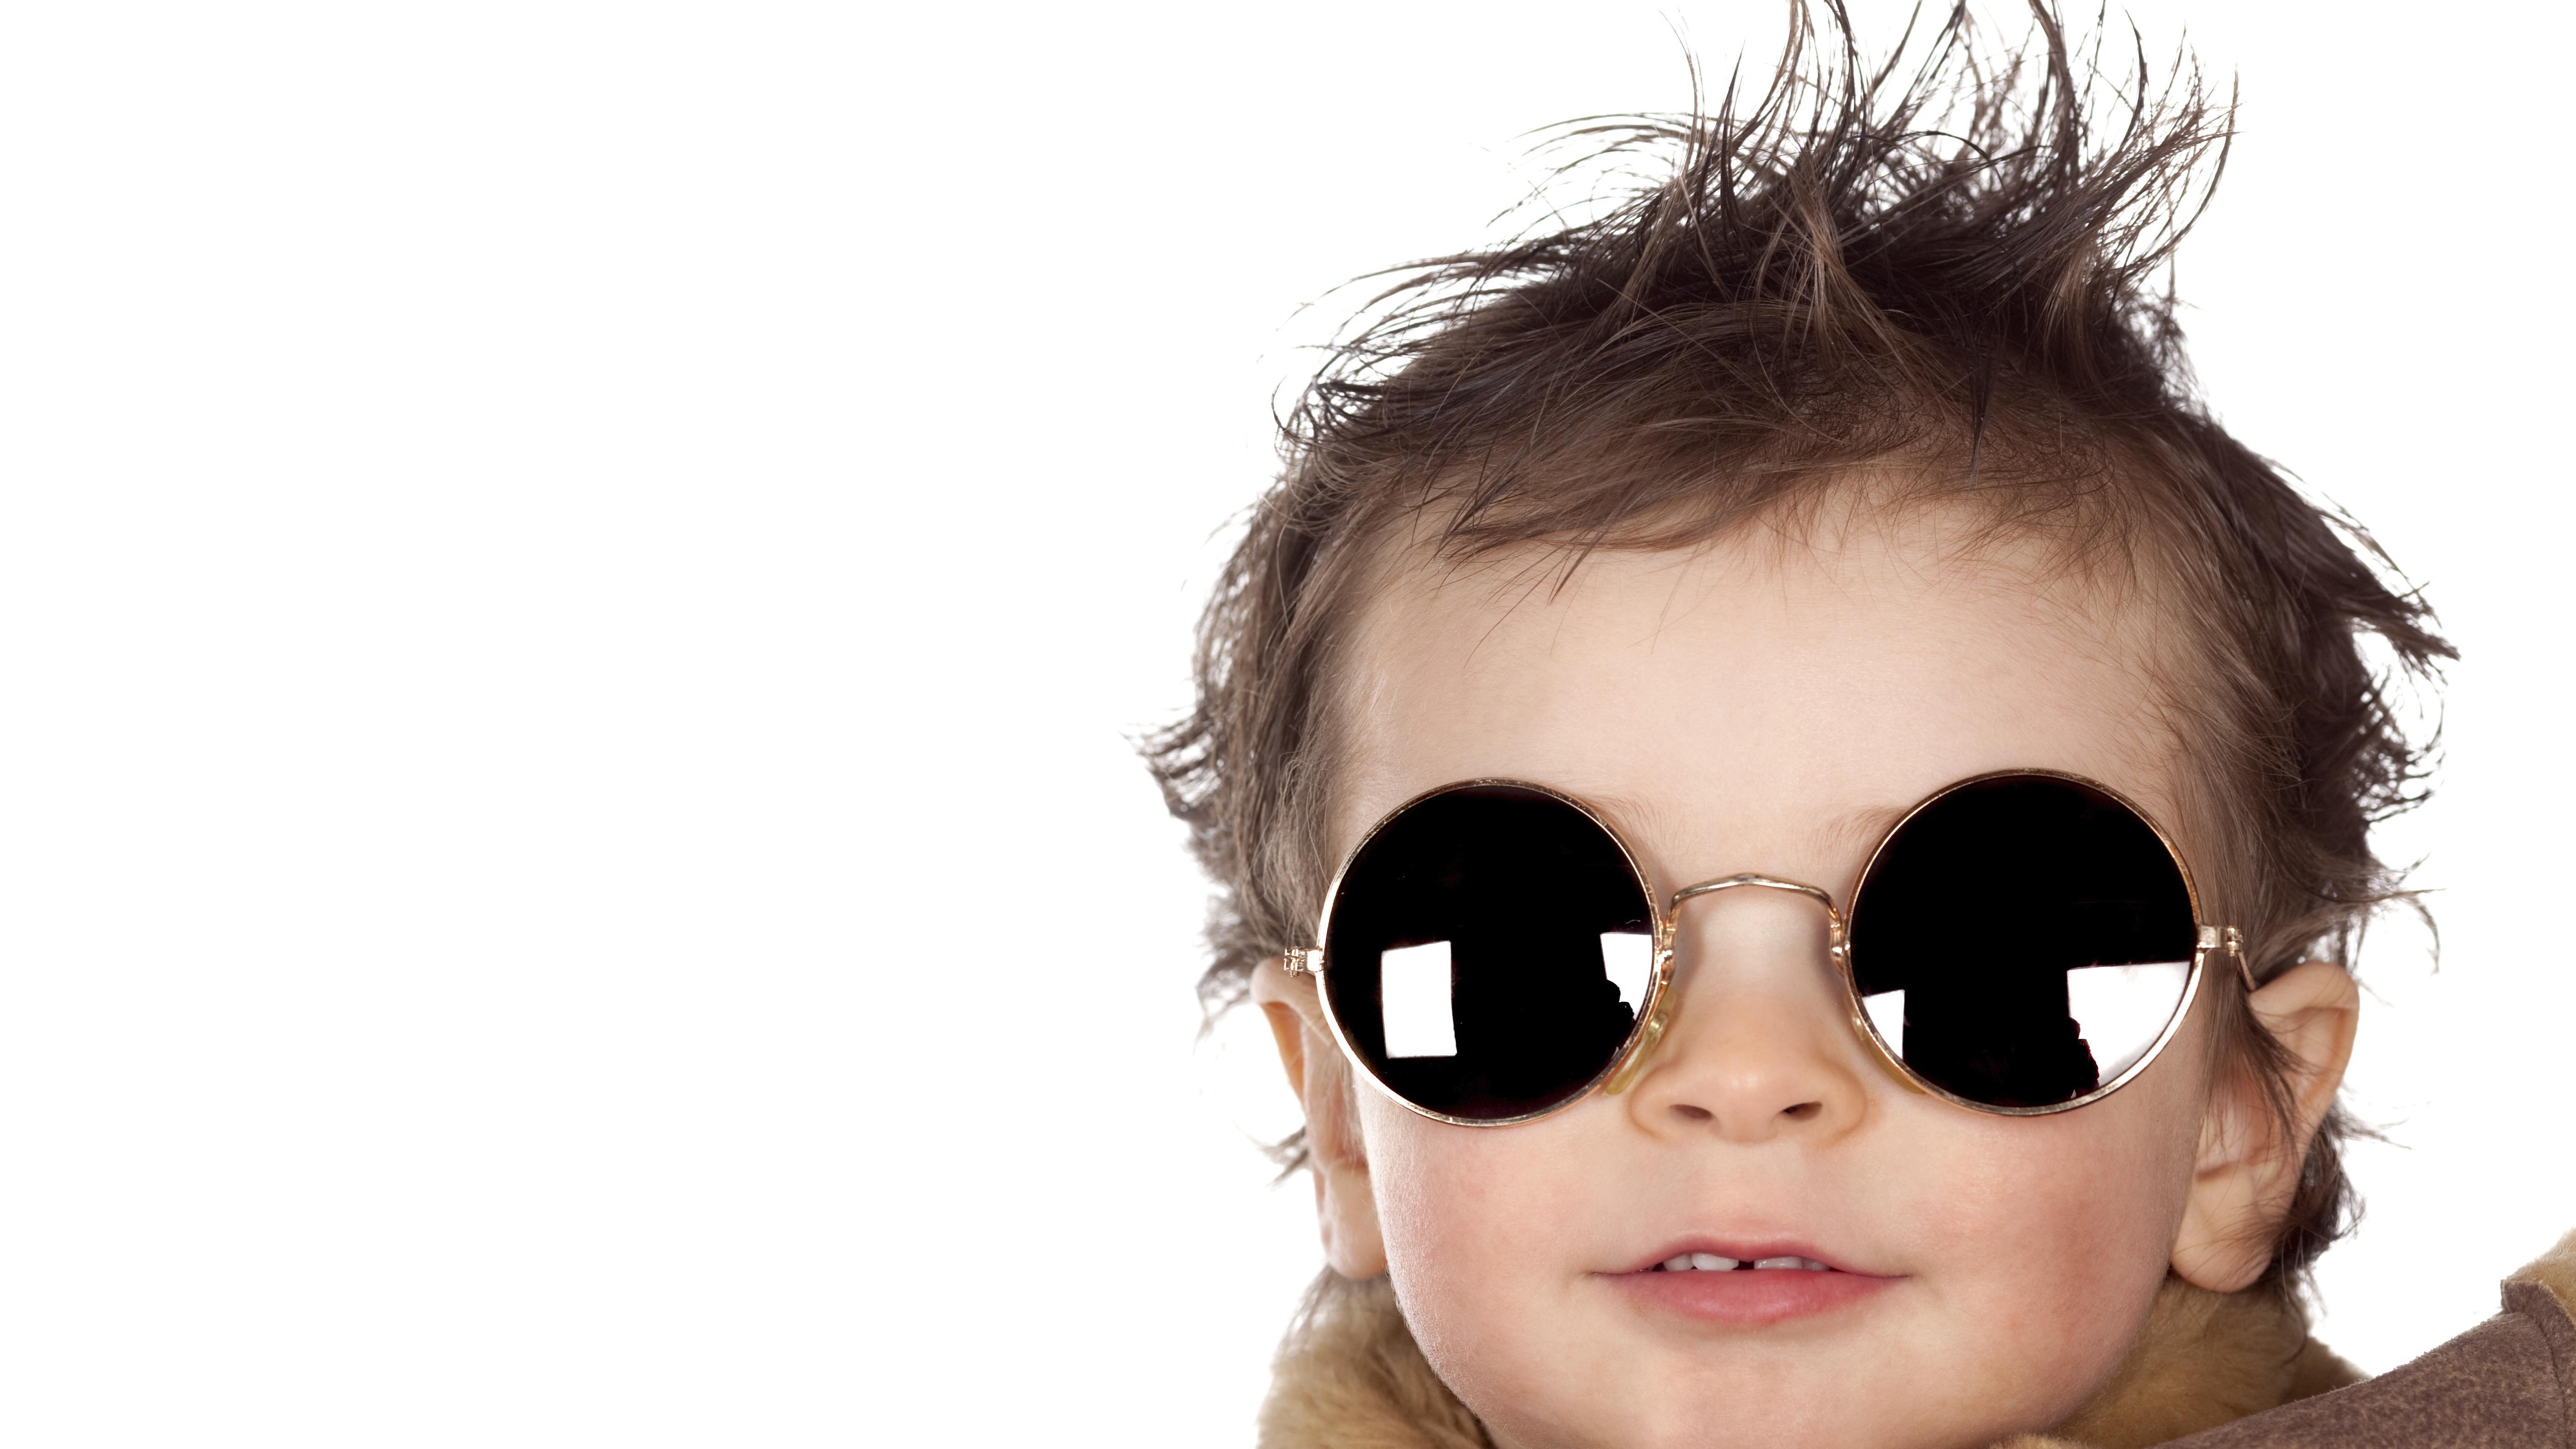 Top 25 weird celebrity baby names